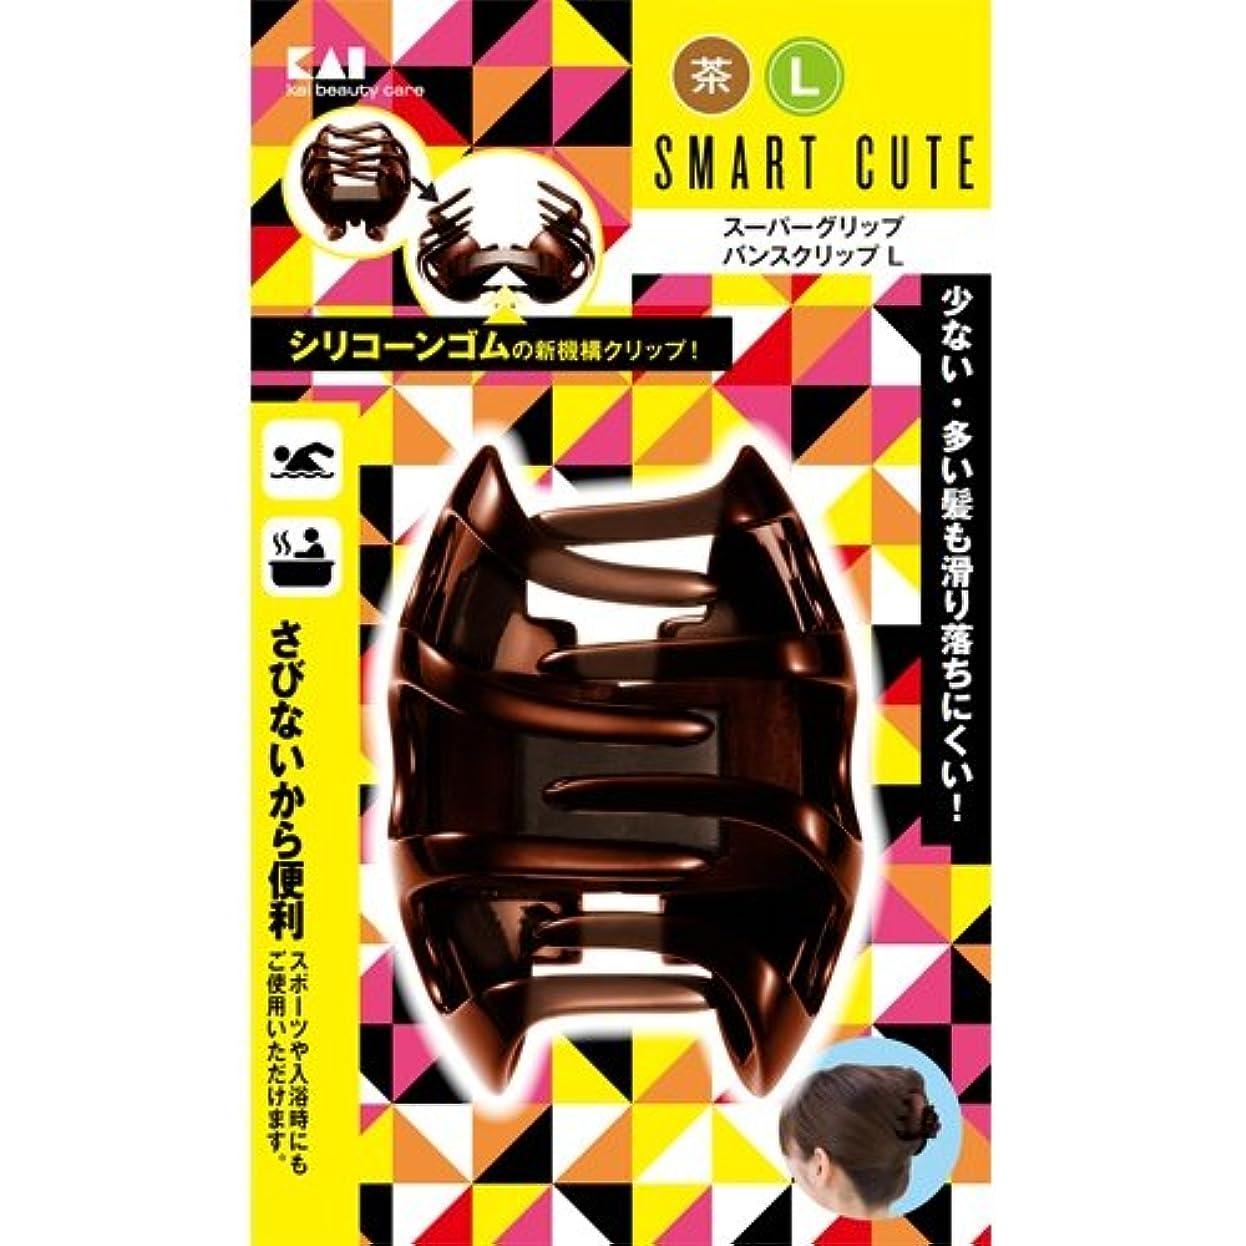 差別する仕立て屋円周スマートキュート(SmartCute)スーパーグリップバンスクリップL茶 HC3317